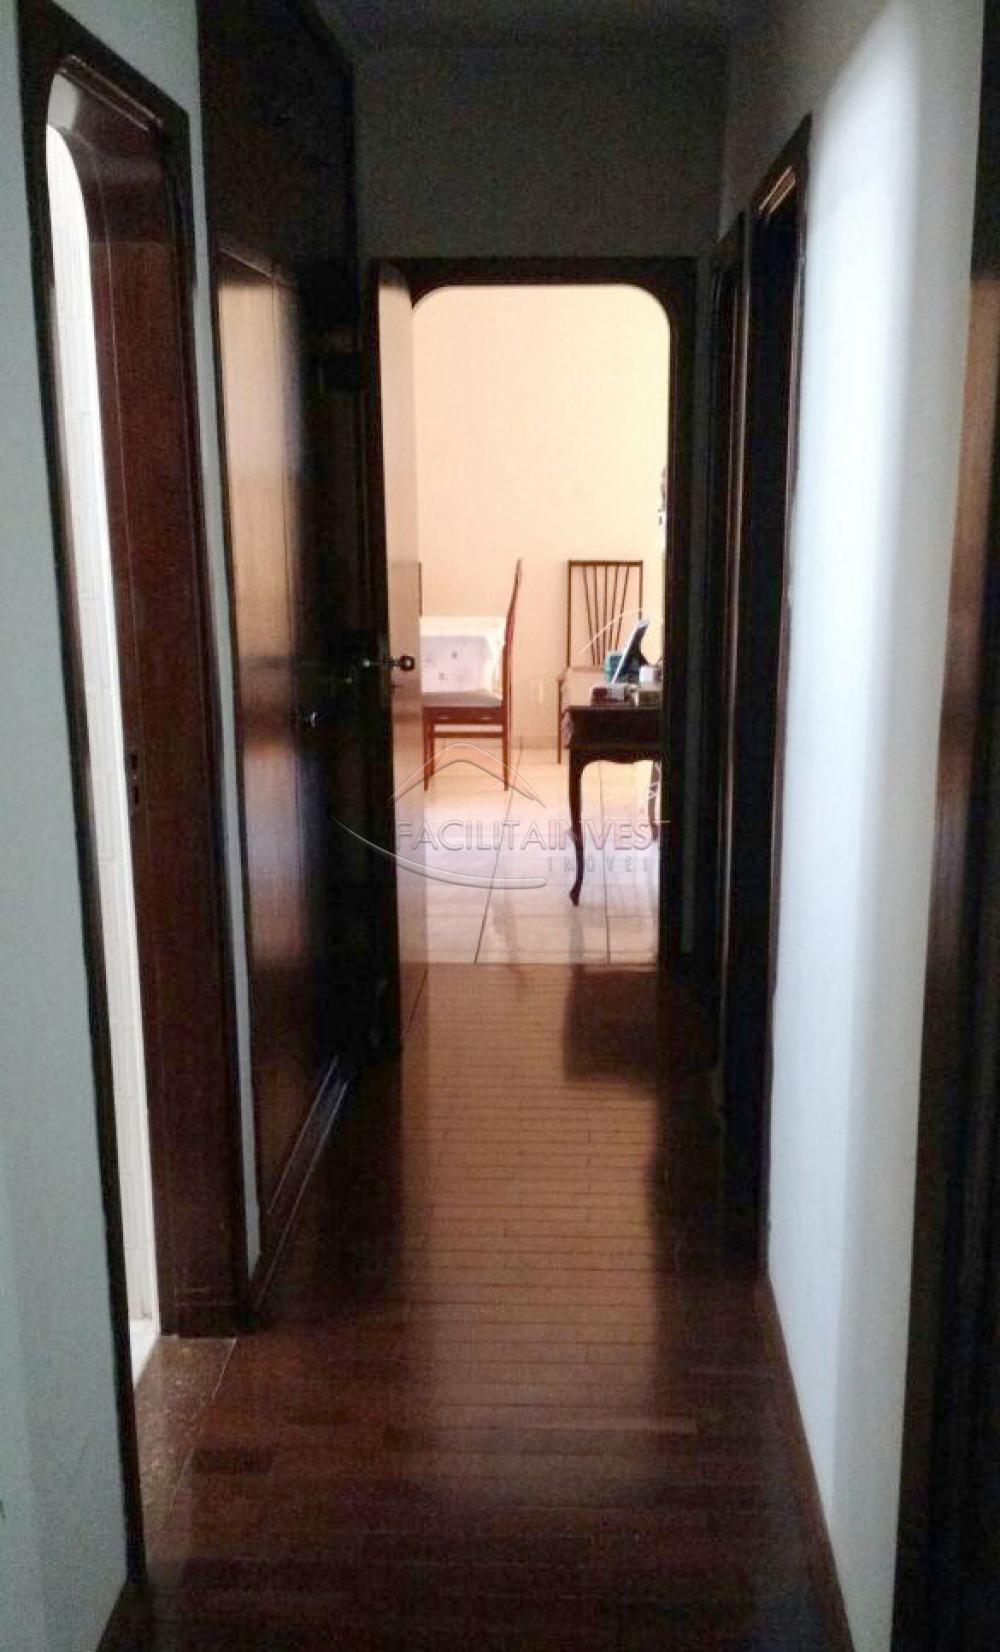 Alugar Apartamentos / Apart. Padrão em Ribeirão Preto apenas R$ 1.000,00 - Foto 4